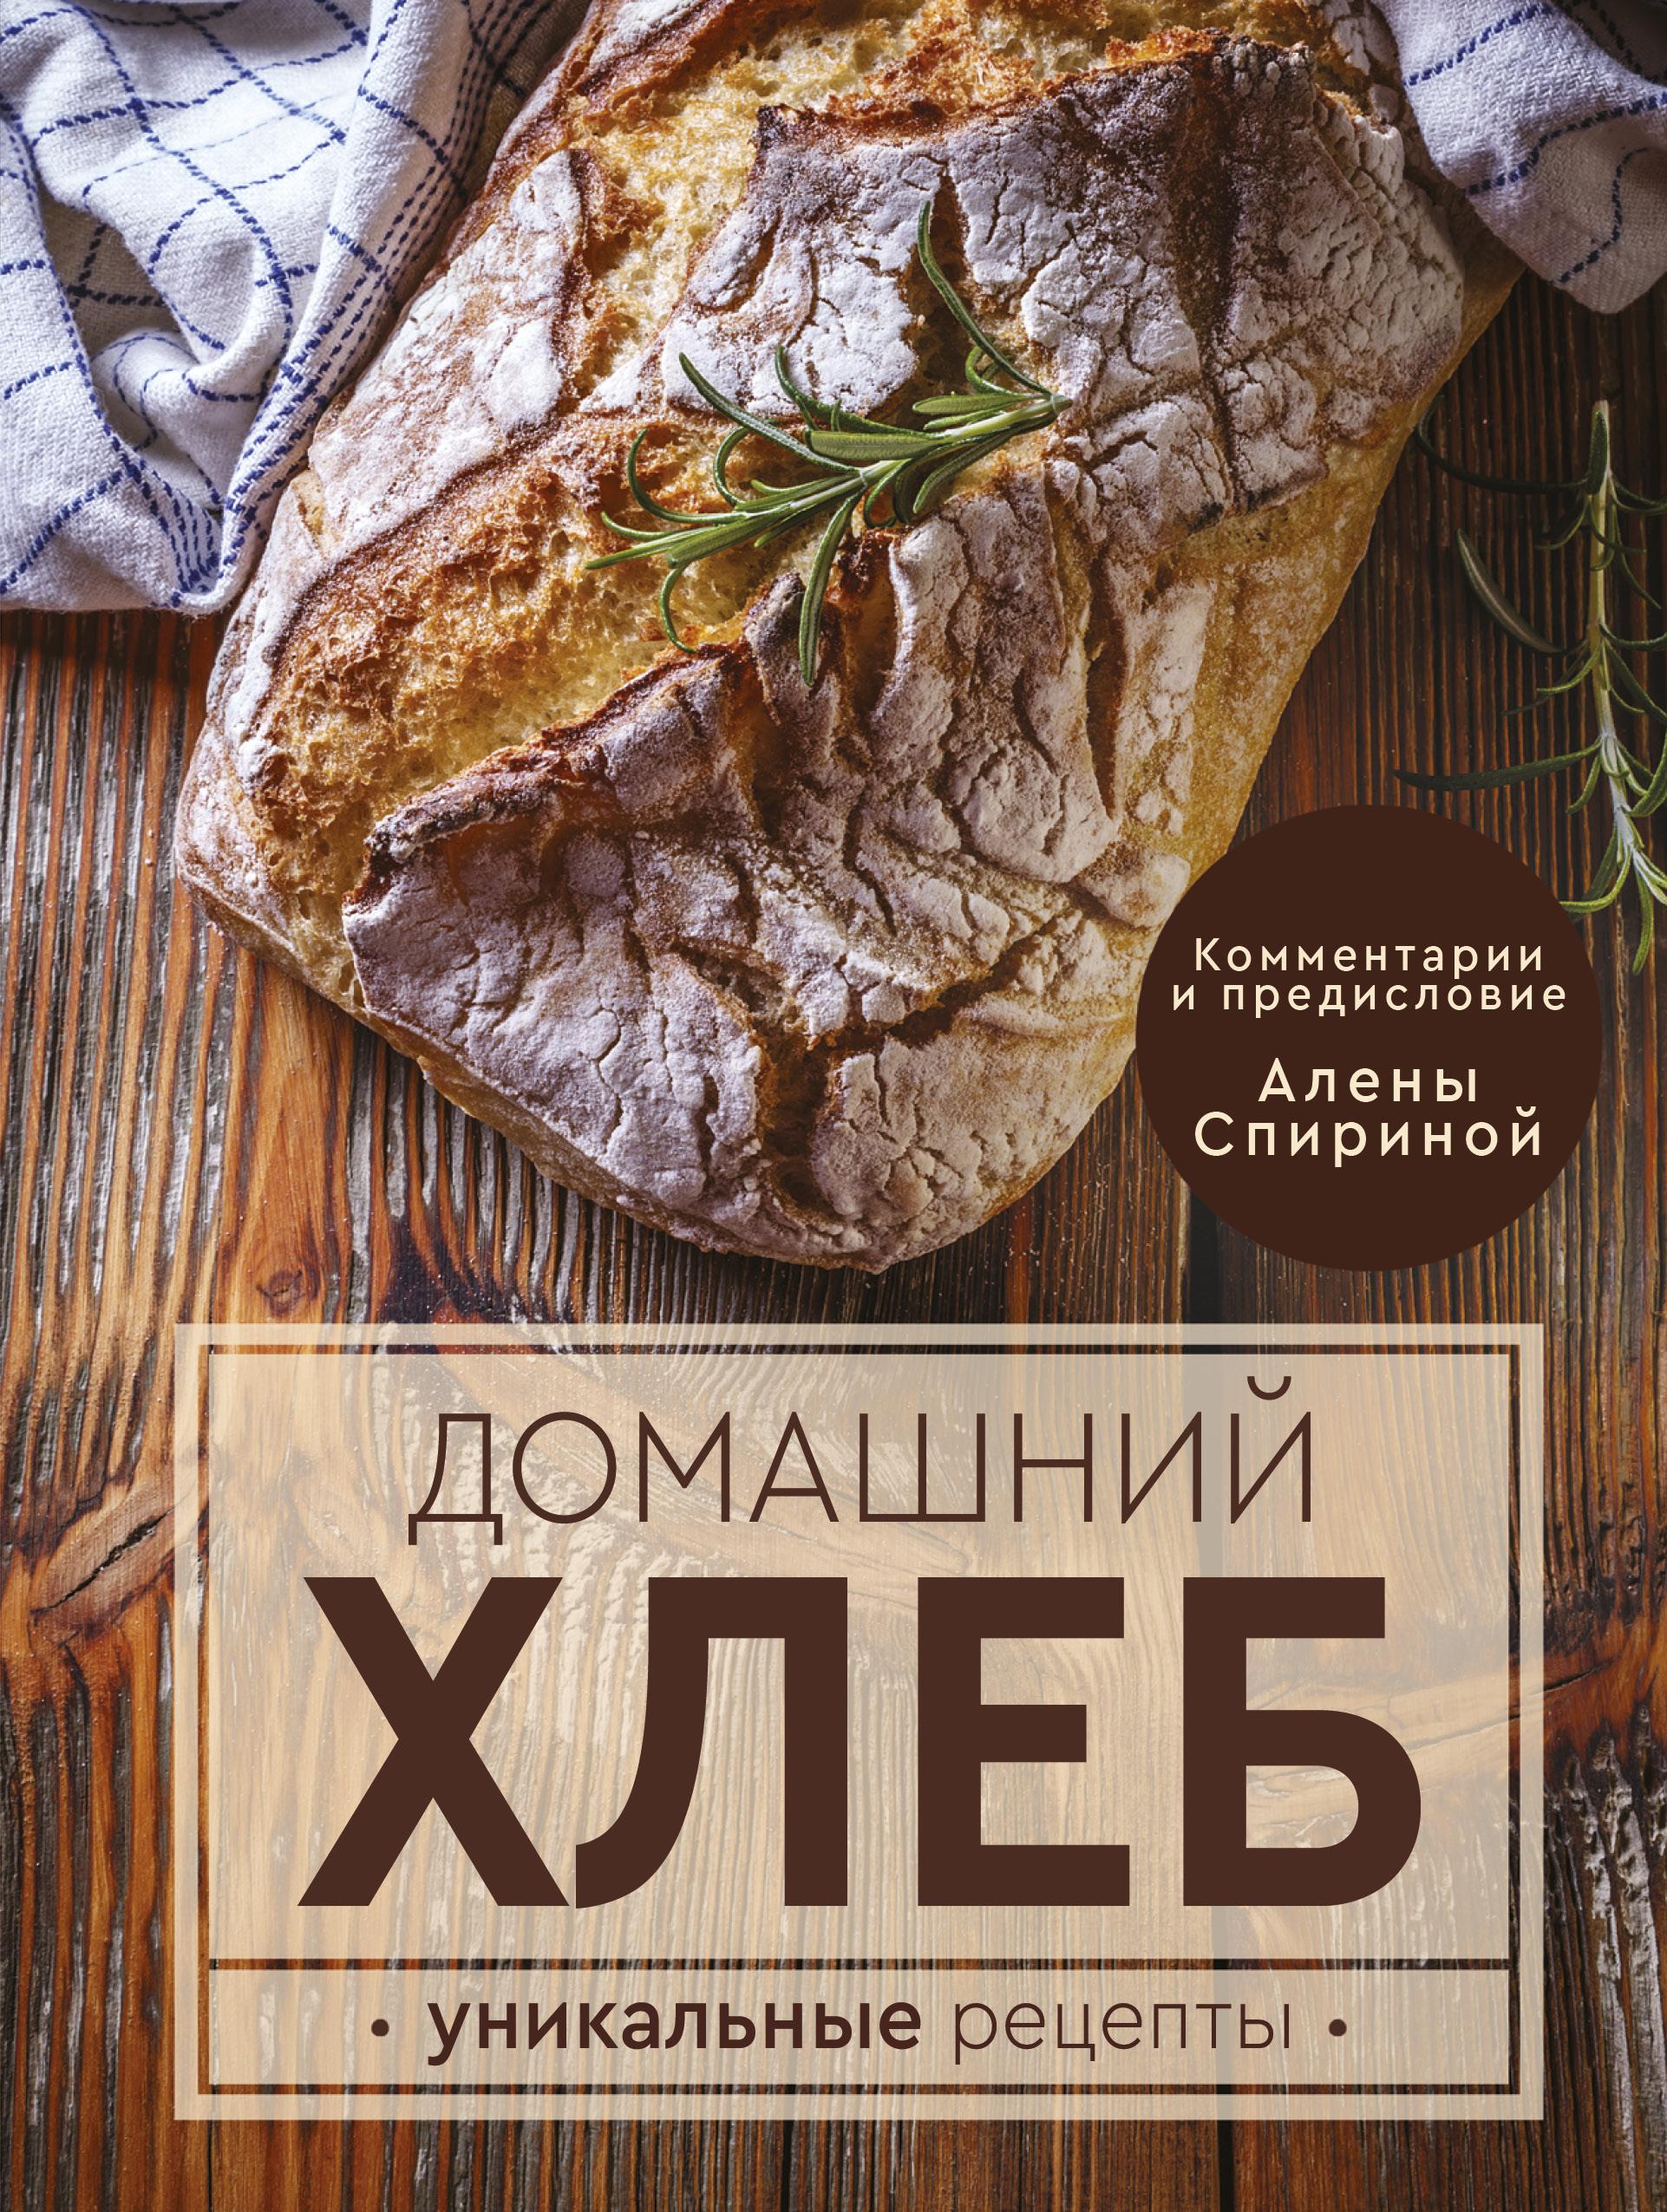 Спирина А. Домашний хлеб. Уникальные рецепты хлебная смесь хлеб из цельносмолотой муки